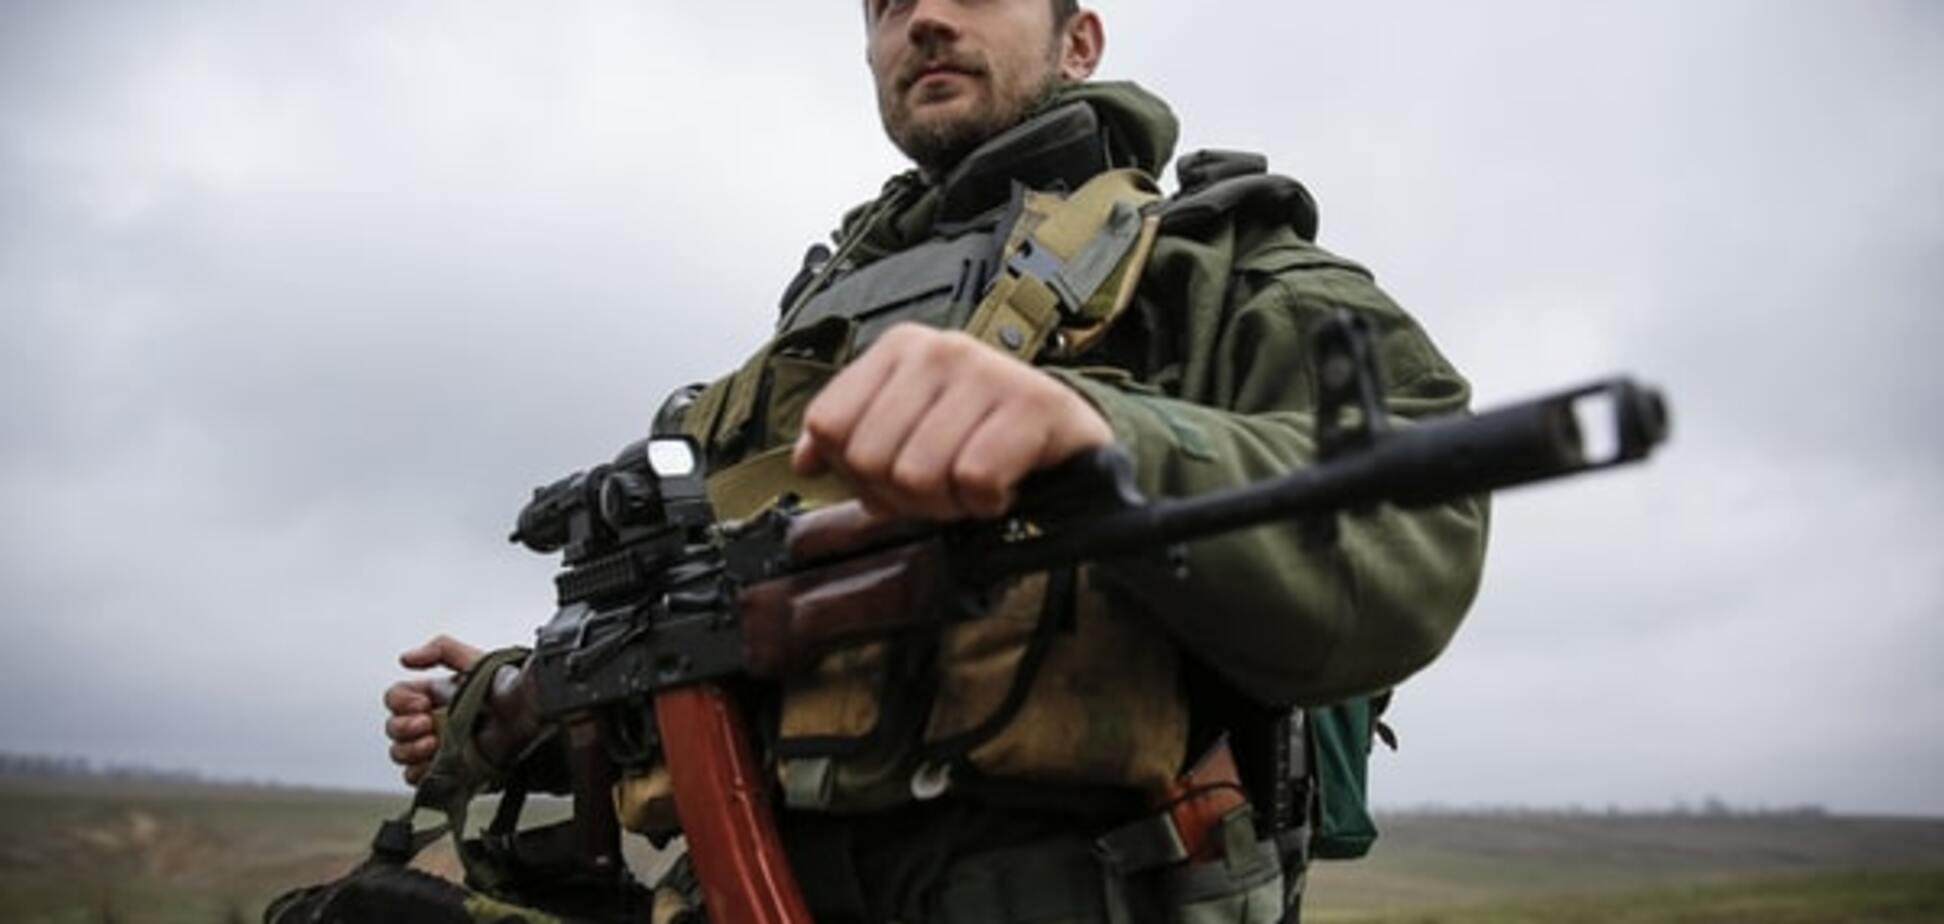 Бійці АТО вбили чотирьох терористів в бою під Горлівкою